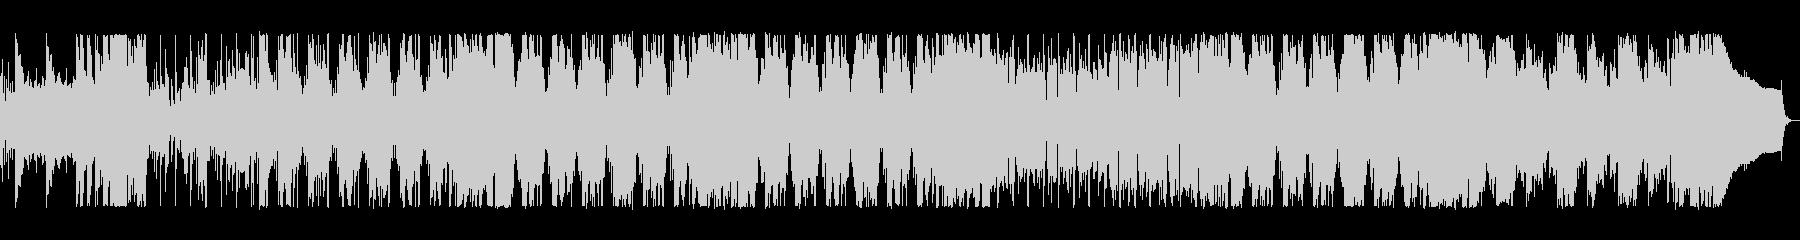 アニメに出てきそうなハチャメチャポップスの未再生の波形